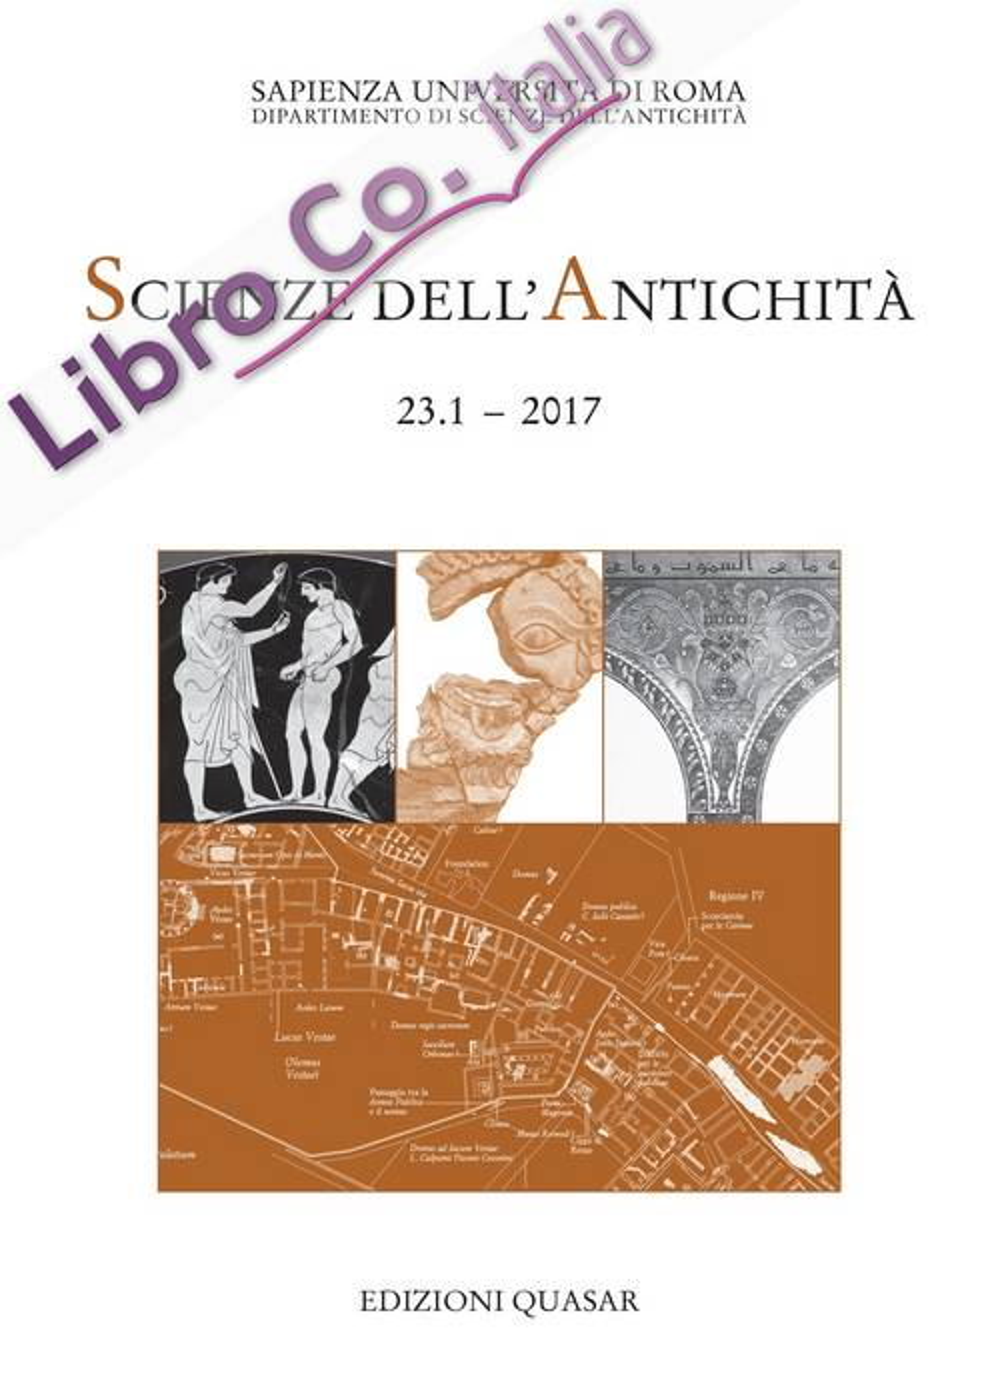 Scienze Dell'Antichita . Storia, archeologia, antropologia. 23.1. 2017